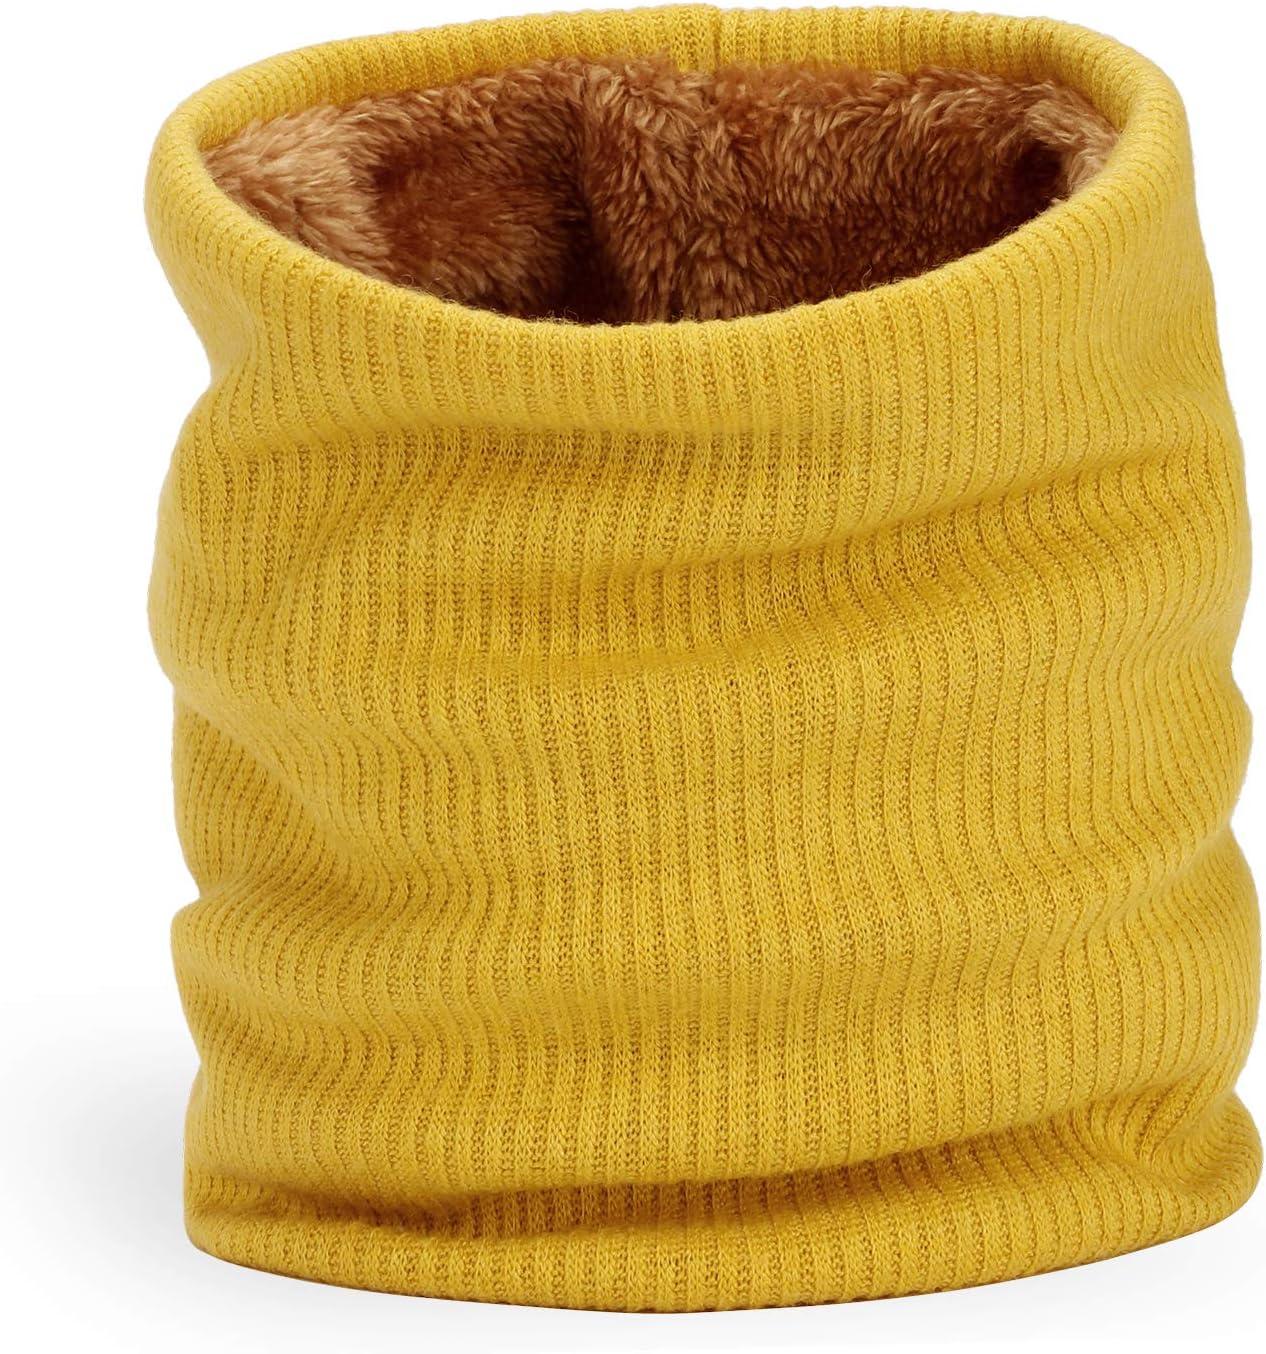 Yidarton Bonnet Femme Hiver Tricot avec Trou pour Queue de Cheval Beanie Chapeau